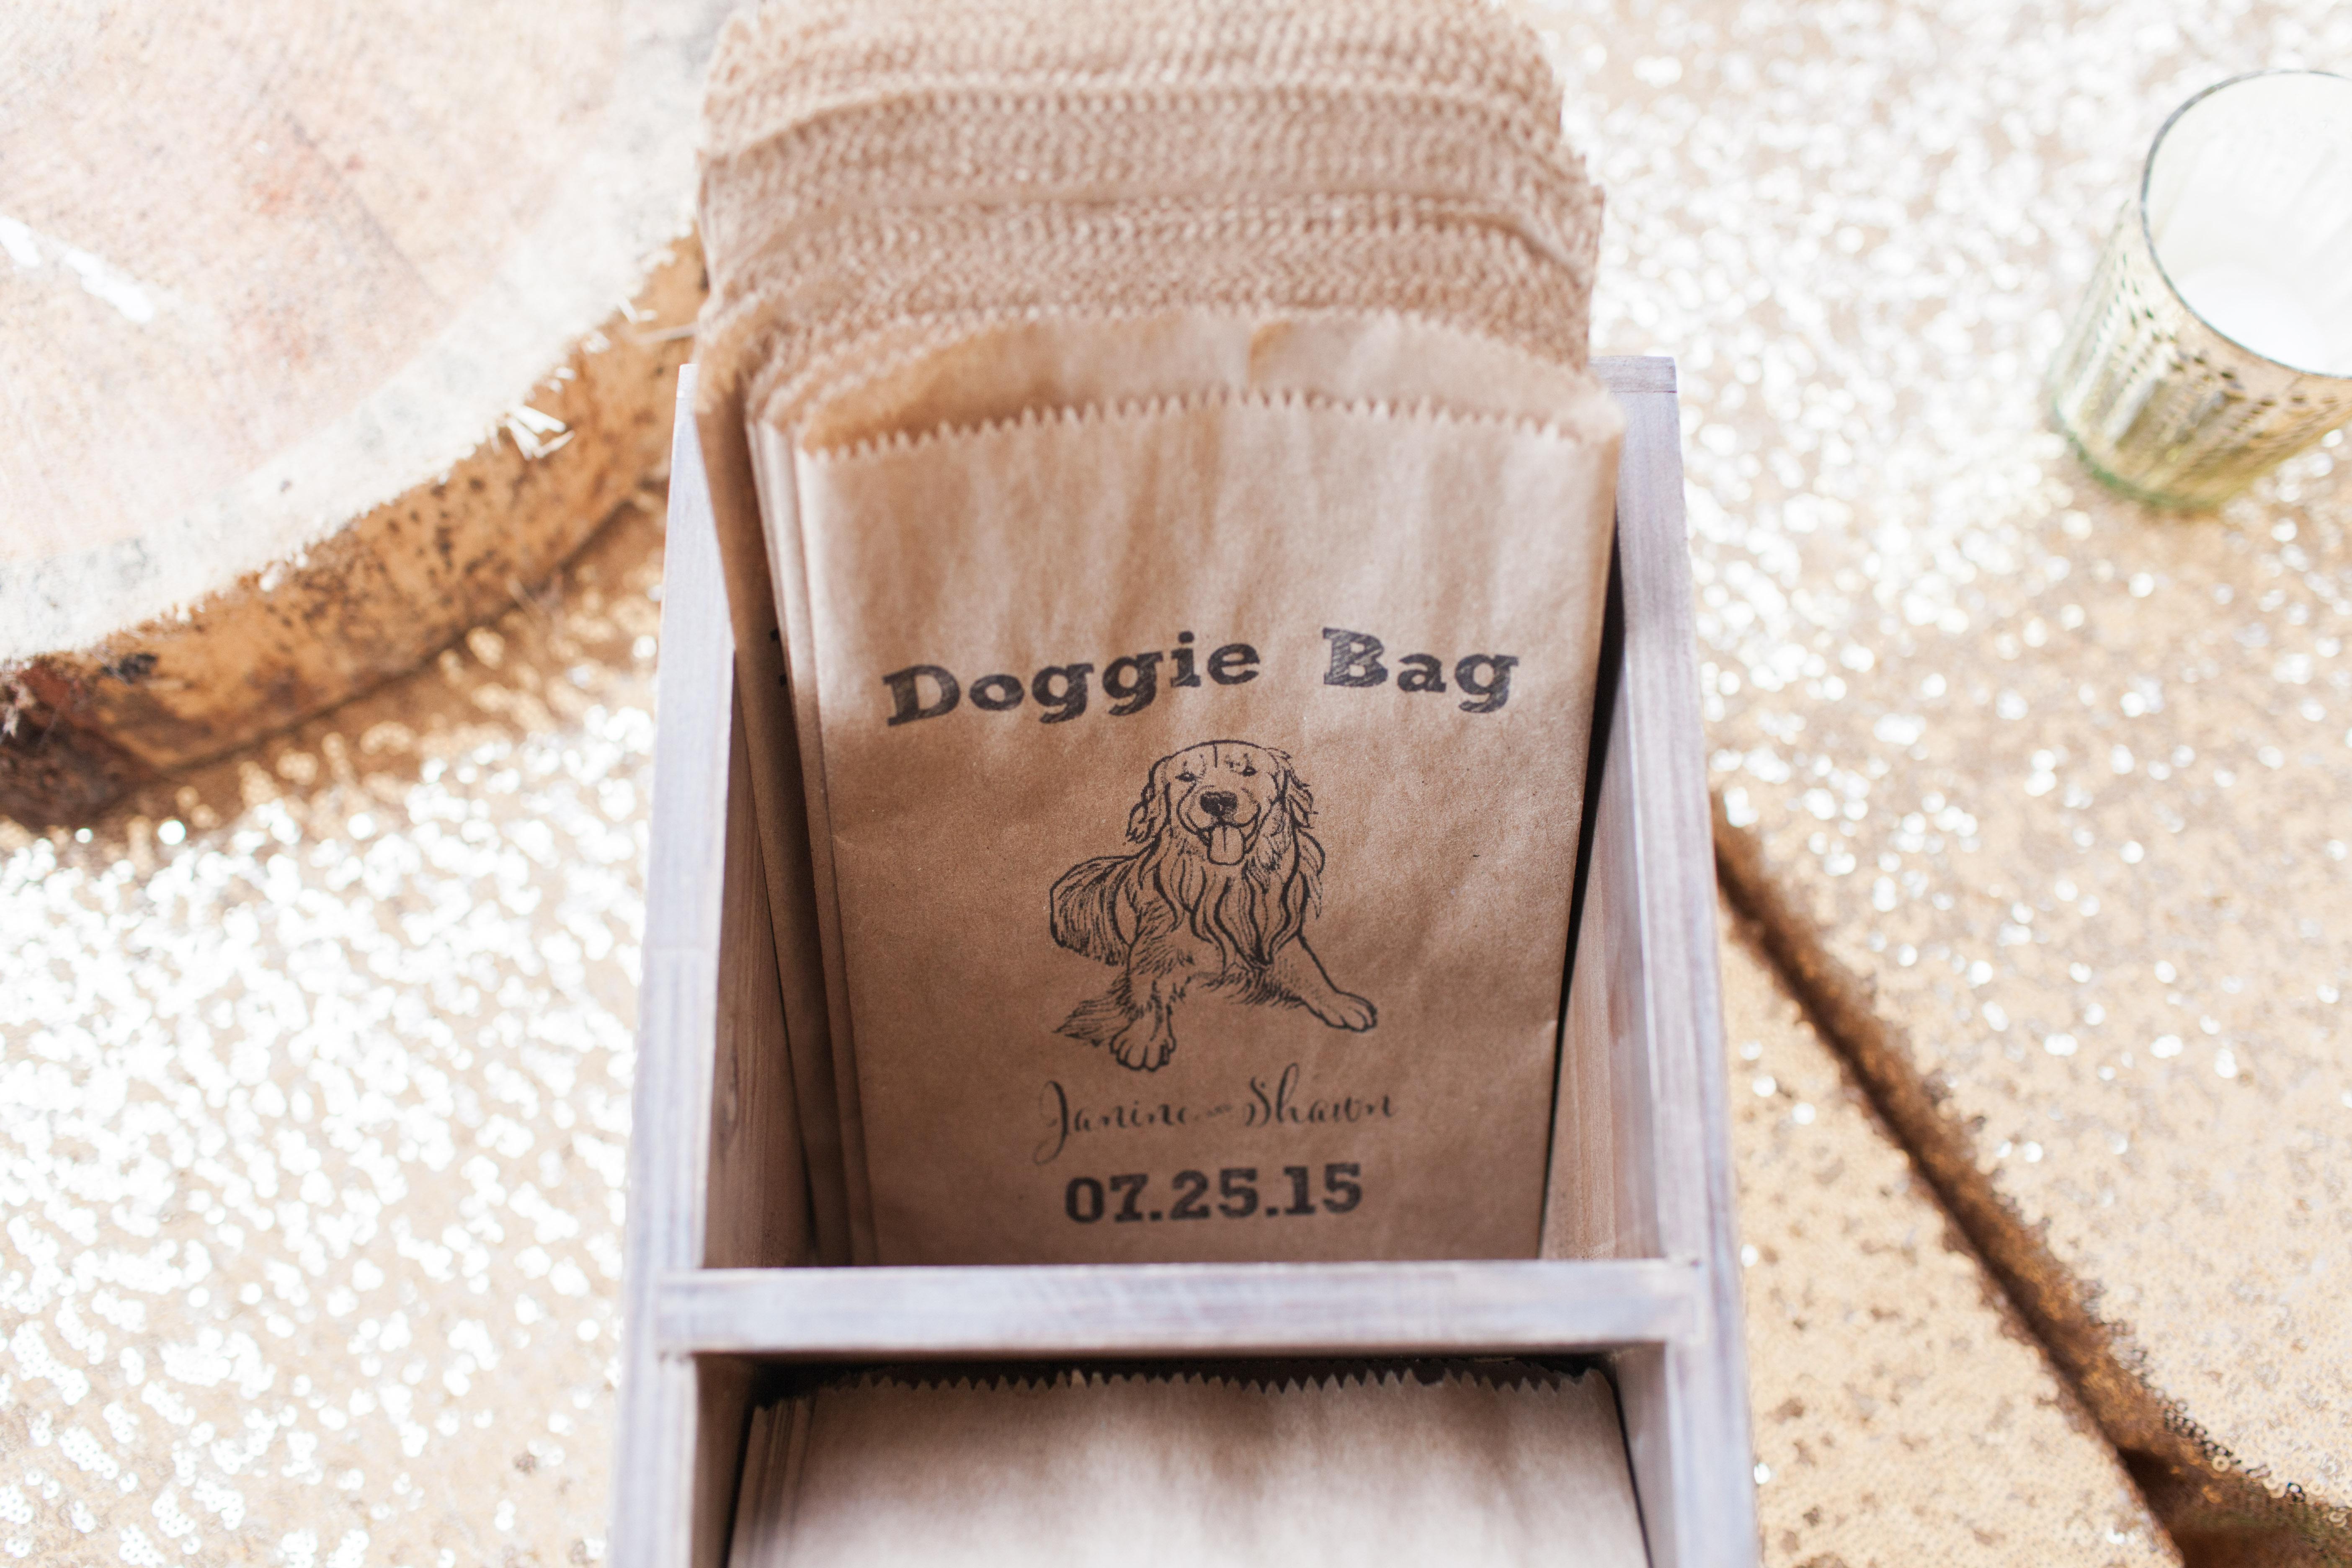 doggie bag with dog illustration